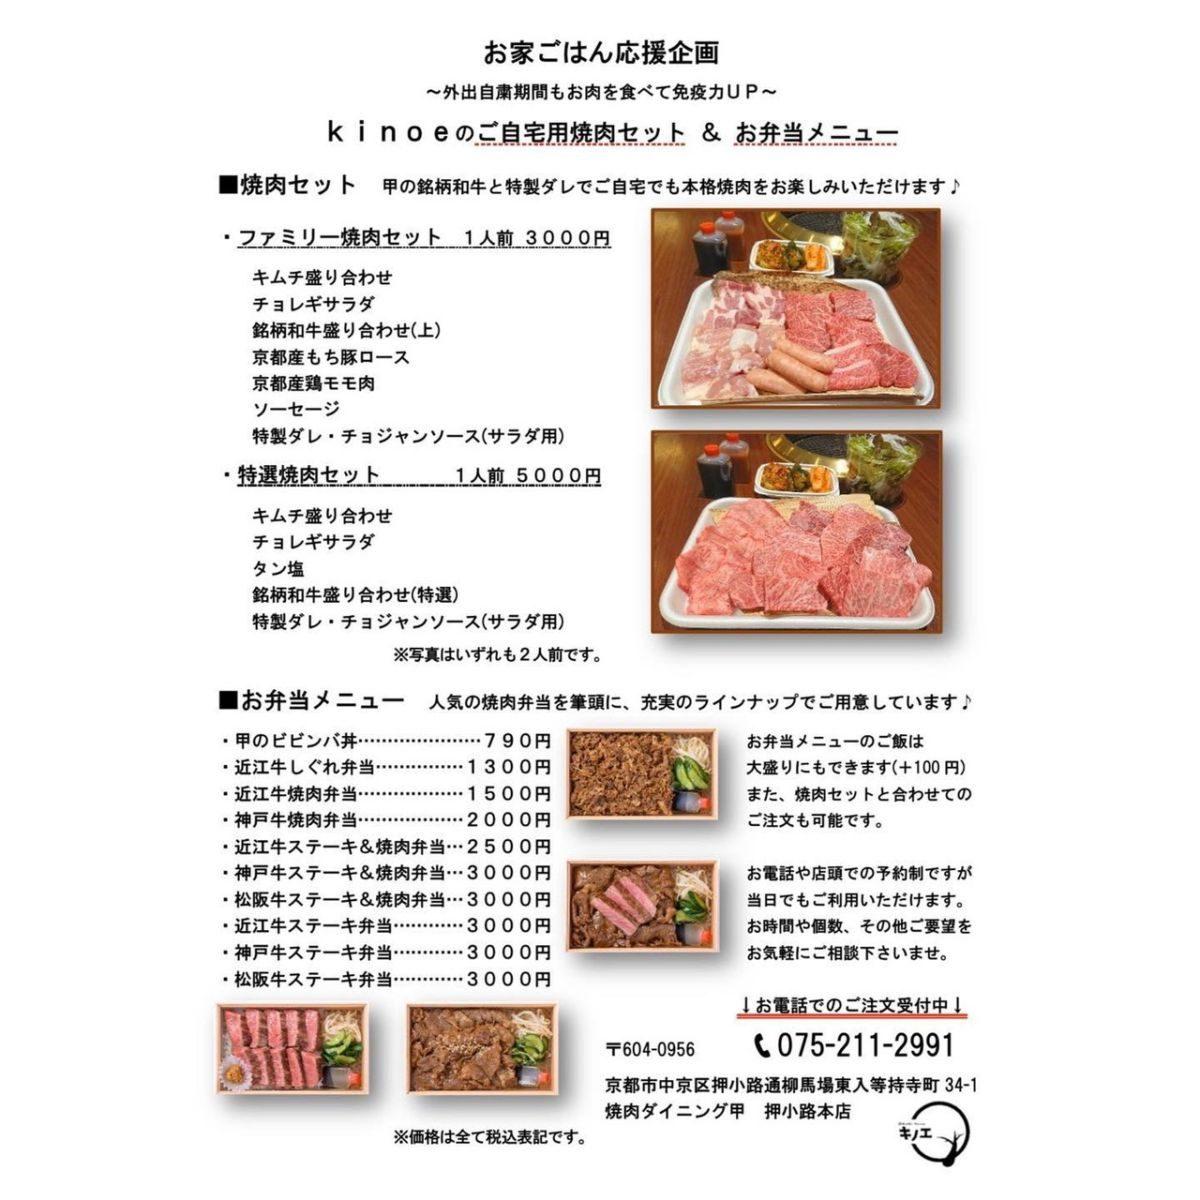 肉屋 甲/焼肉ダイニング甲/ヤキニク甲 ★★★★★【京都】